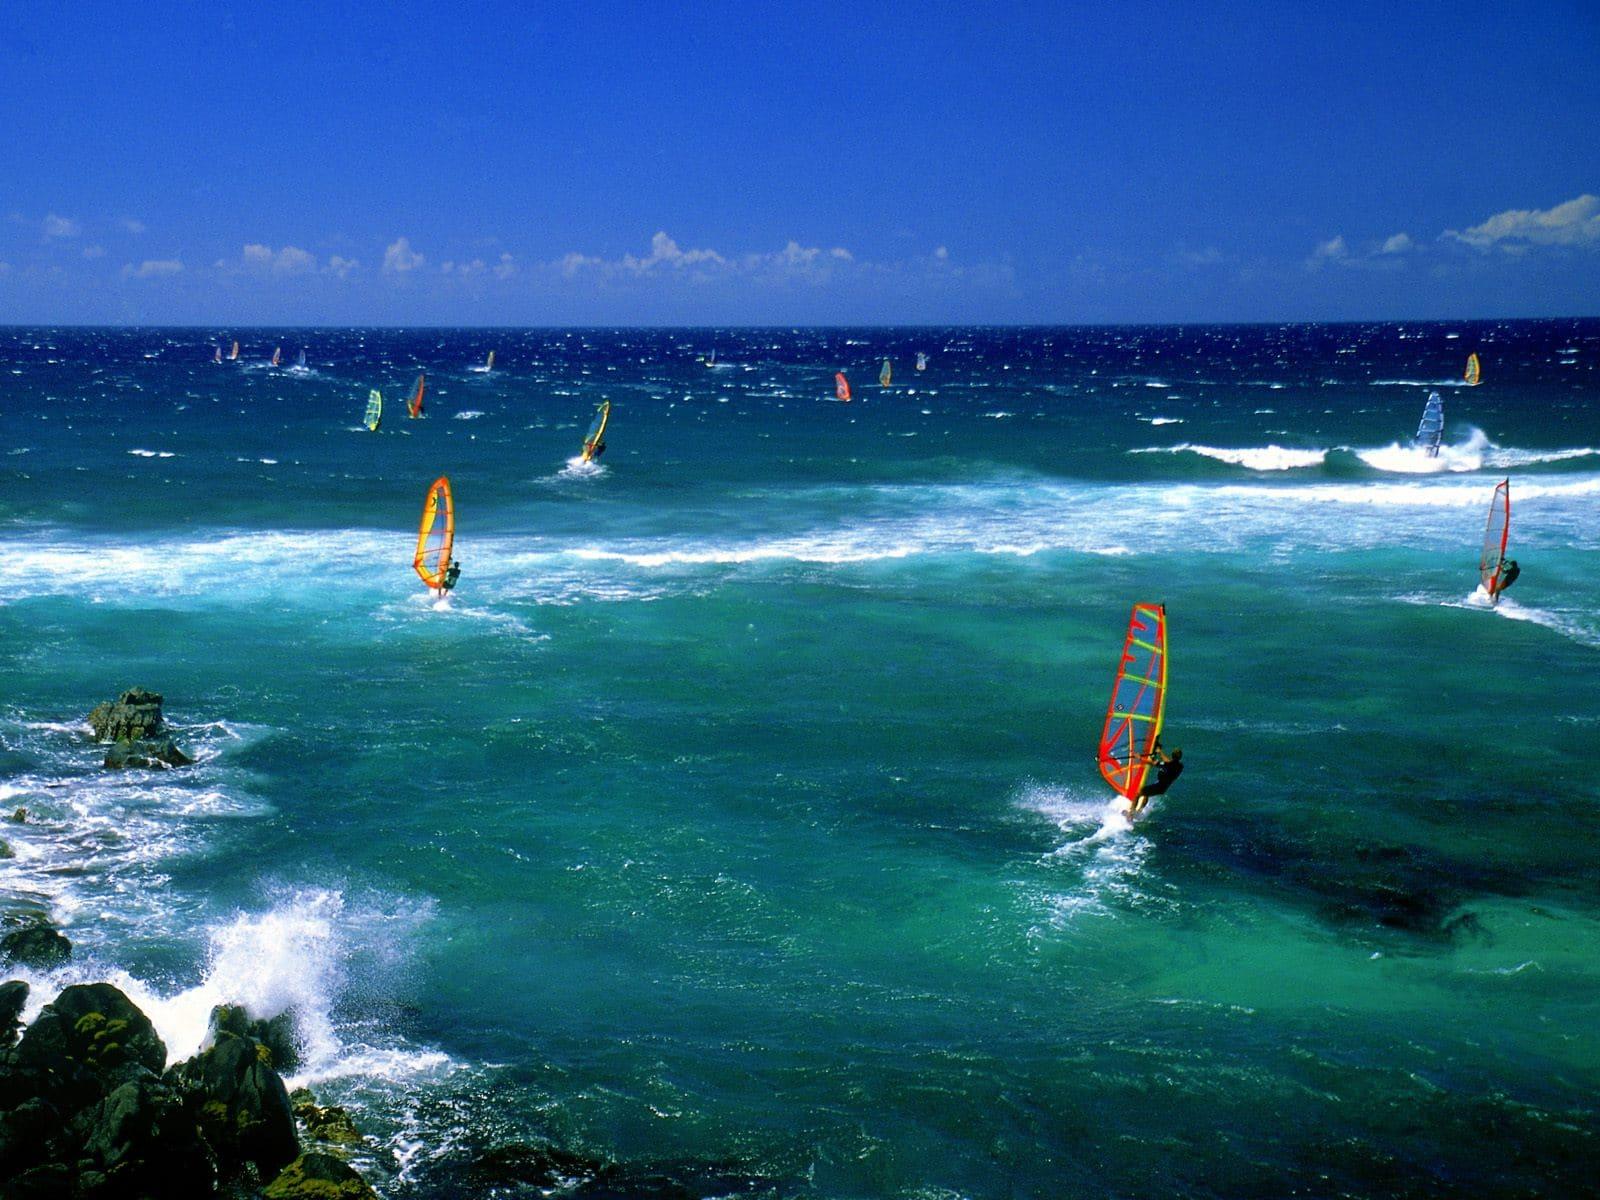 Windsurfing, un sport adorat de către turiștii care ajung pe Insula Maui